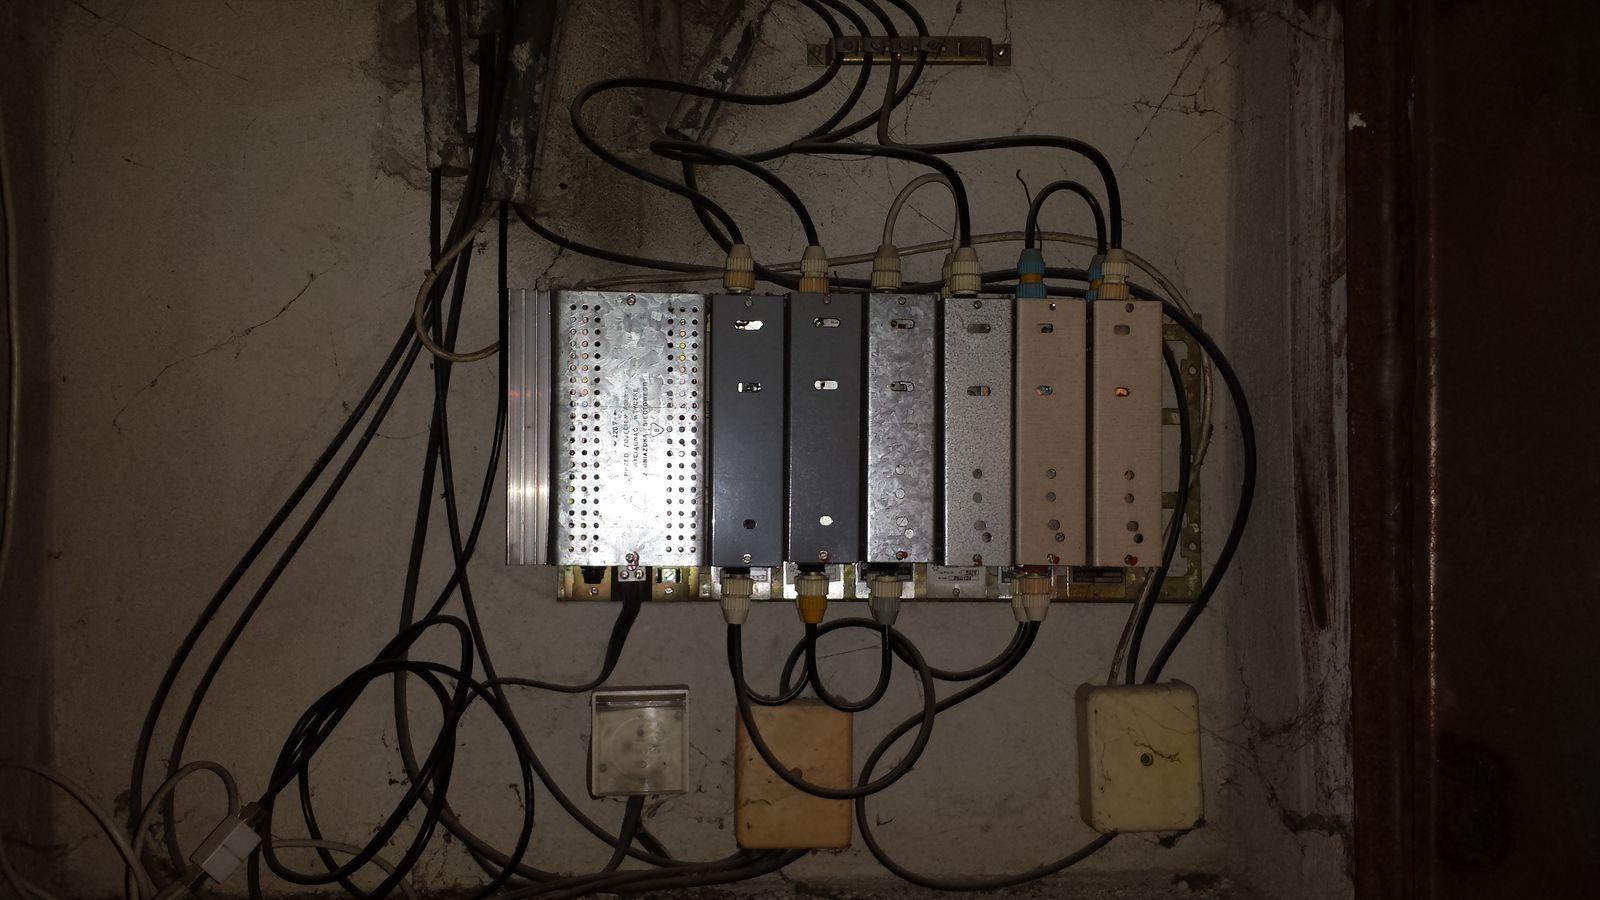 Telcom-Telmor AZW - Dostosowanie AIZ do odbioru NTC DVB-T.